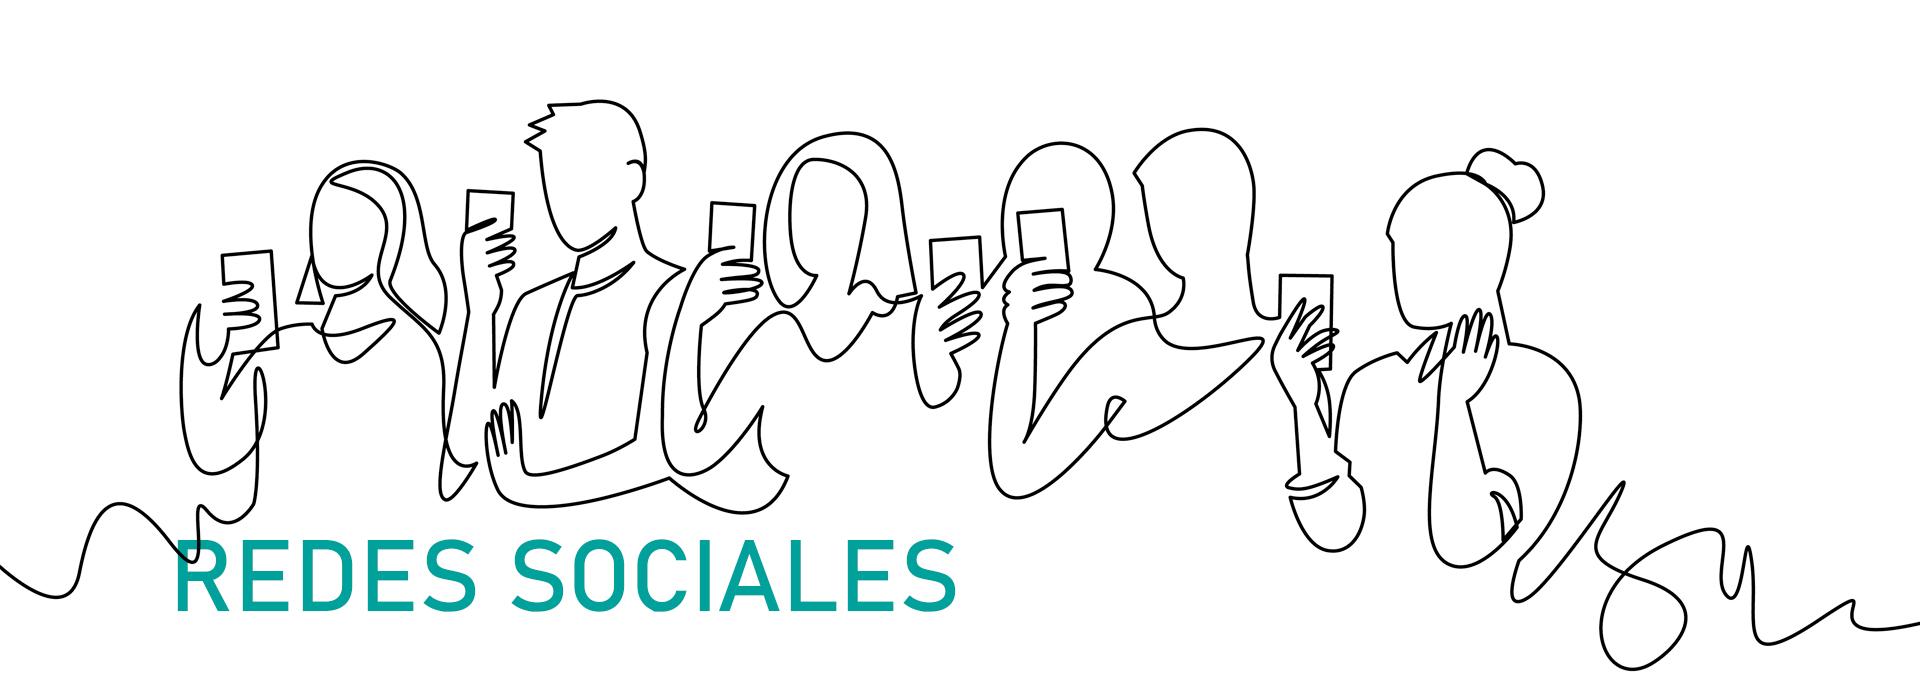 agencia de redes sociales profesionales